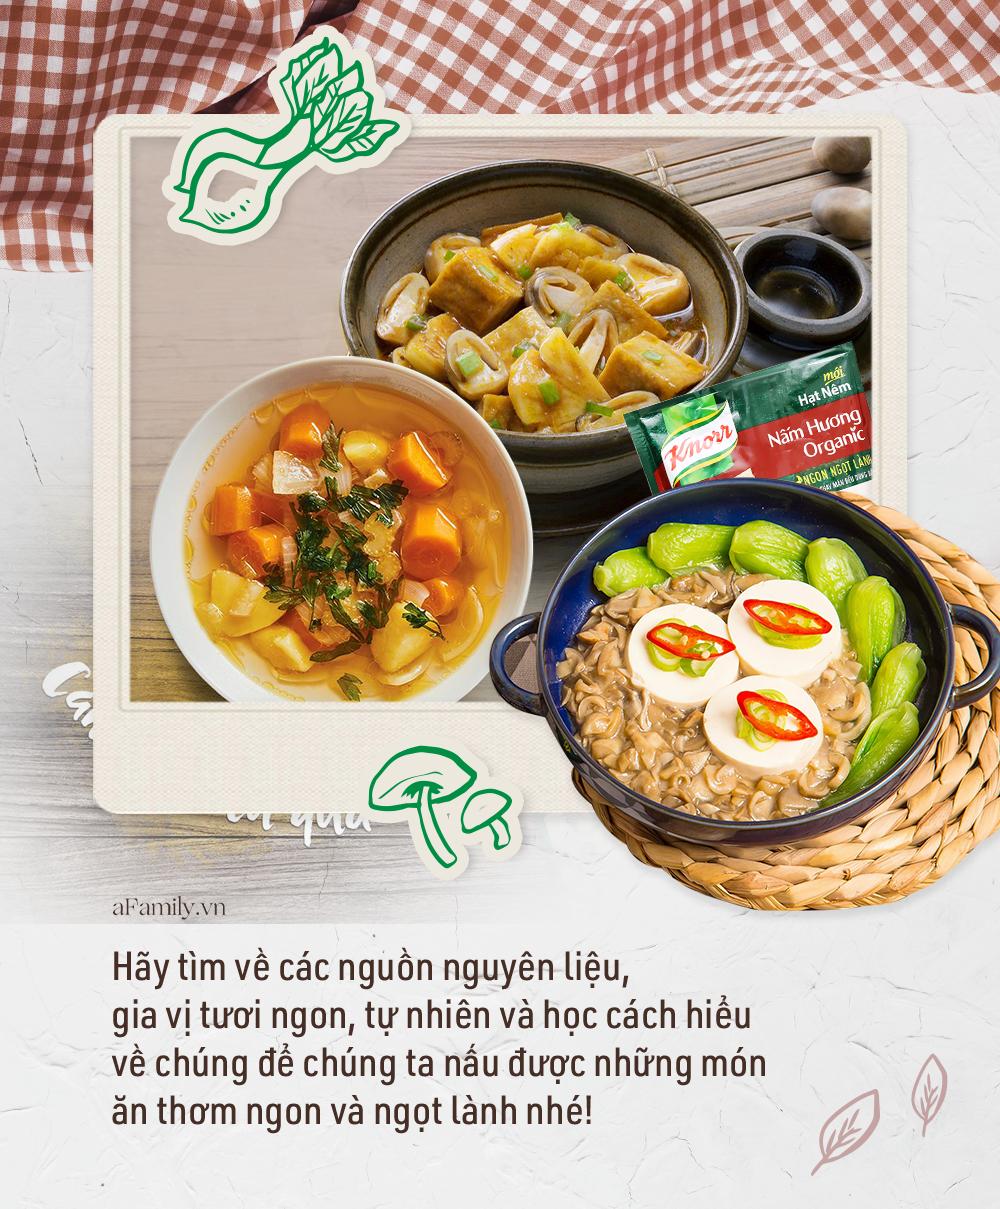 Ăn chay đâu chỉ có cơm với rau, xem đầu bếp nhà người ta chế biến món chay ngon và đẹp đỉnh cao như thế nào - Ảnh 11.